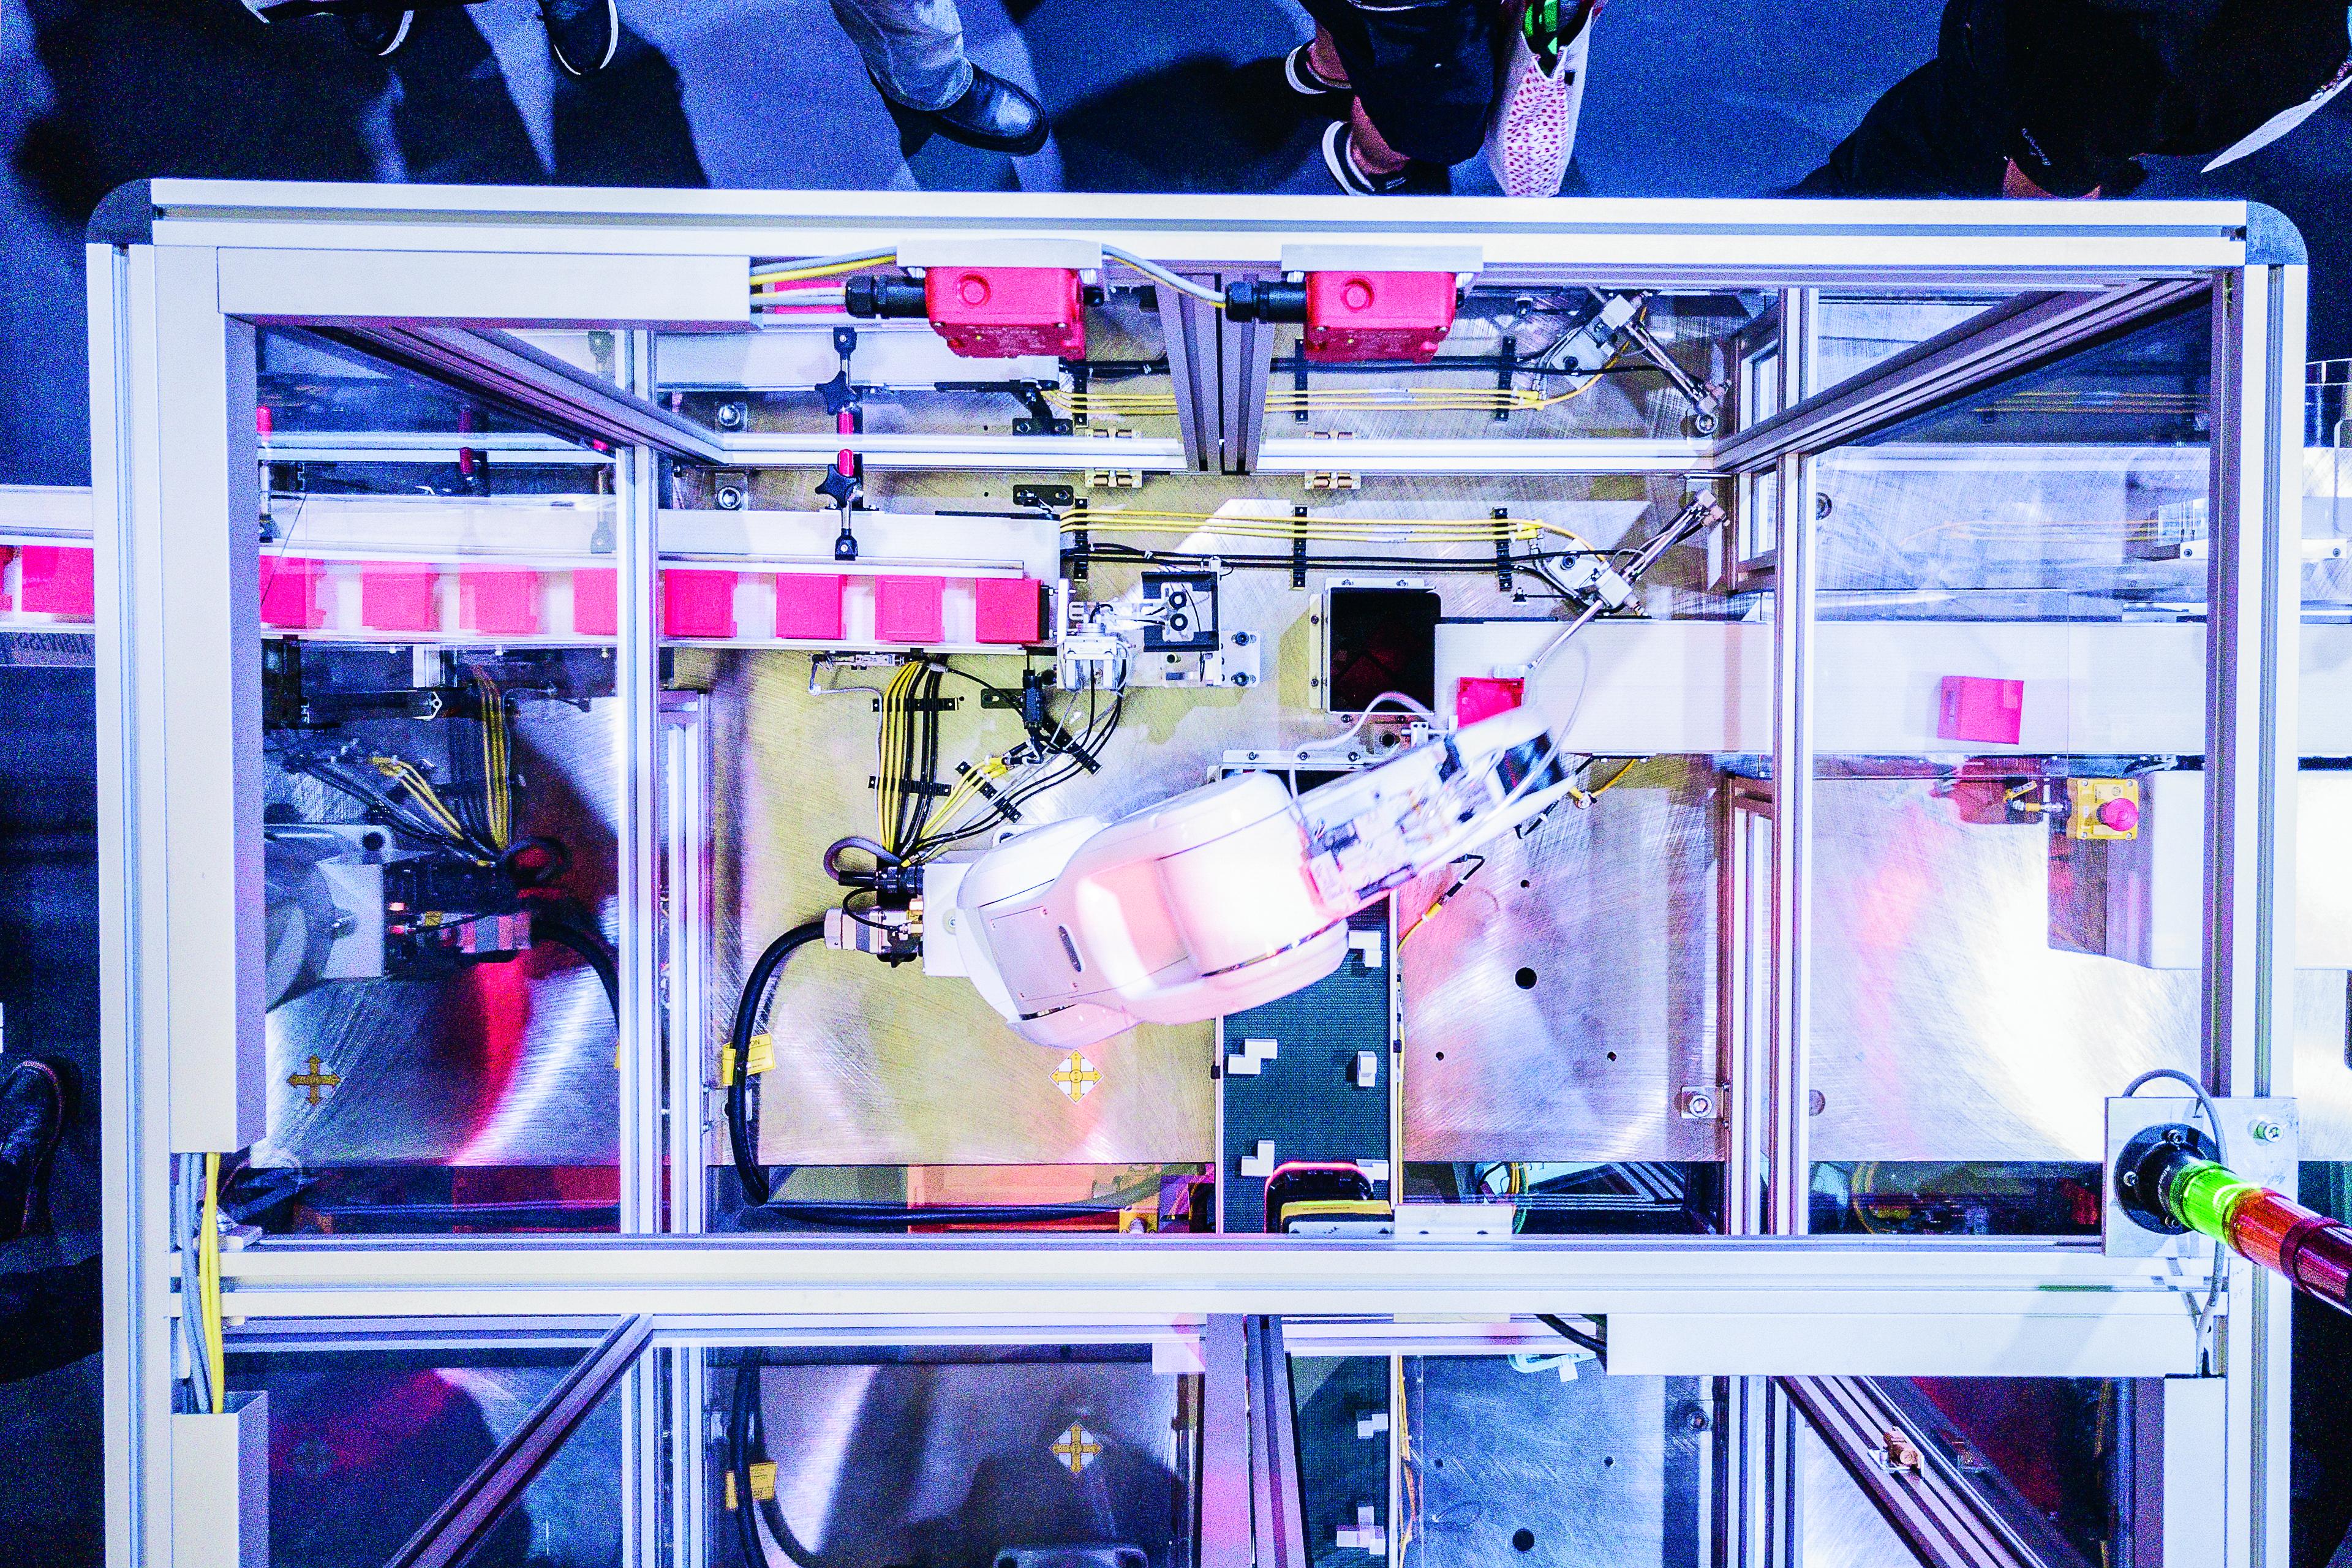 Canon Virginia robotic arms